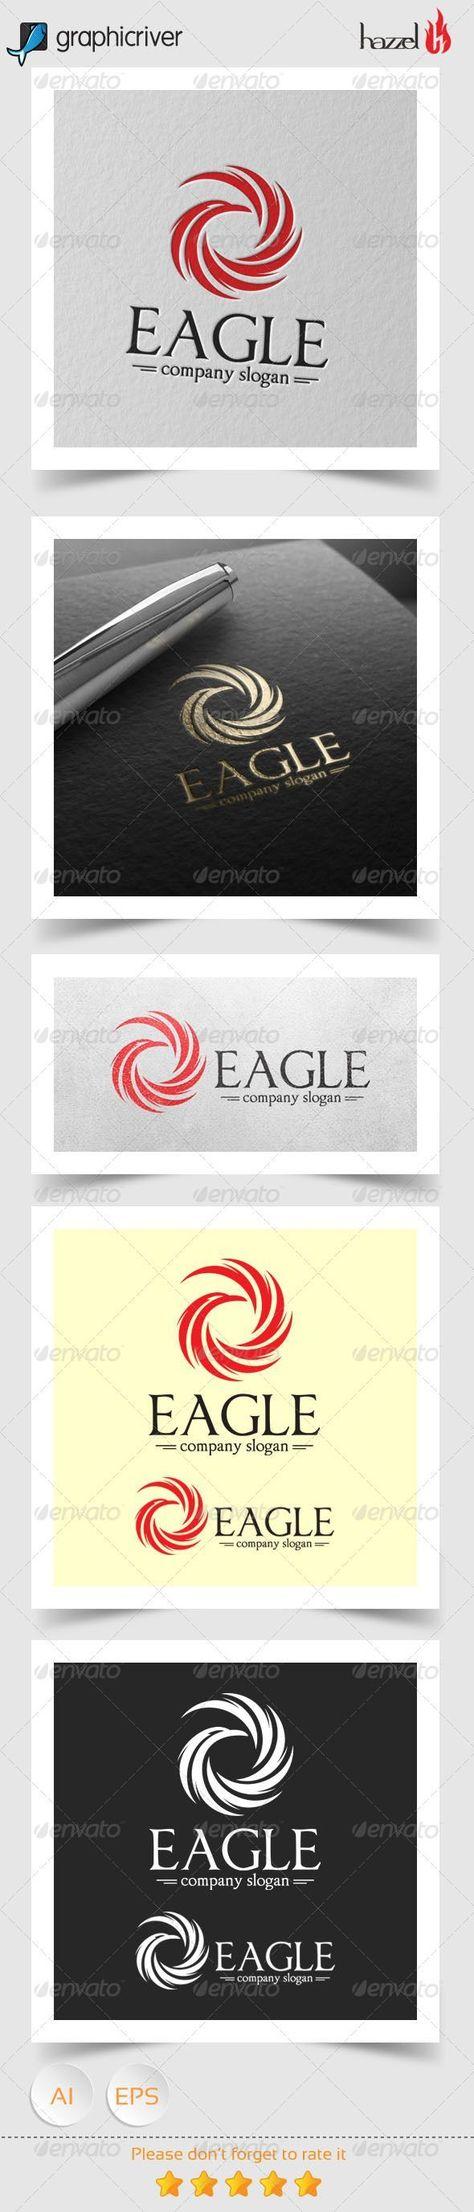 travel logo design ideas #travel #logo #travel & travel logo ; travel logo design ; travel logo ideas ; travel logo inspiration ; travel logo tourism ; travel logo design ideas ; travel logo design inspiration ; travel logo branding